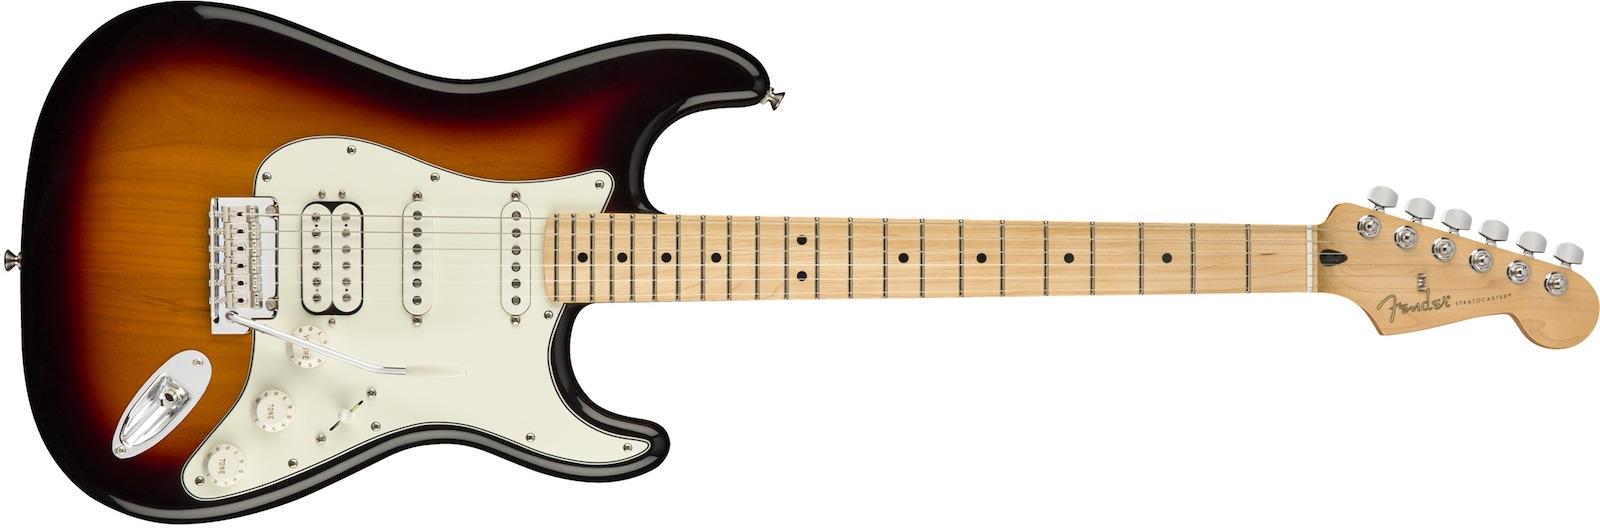 【新品】Fender Player Stratocaster HSS Maple Fingerboard ~3-Color Sunburst~【お取り寄せ】【送料無料】【池袋店】